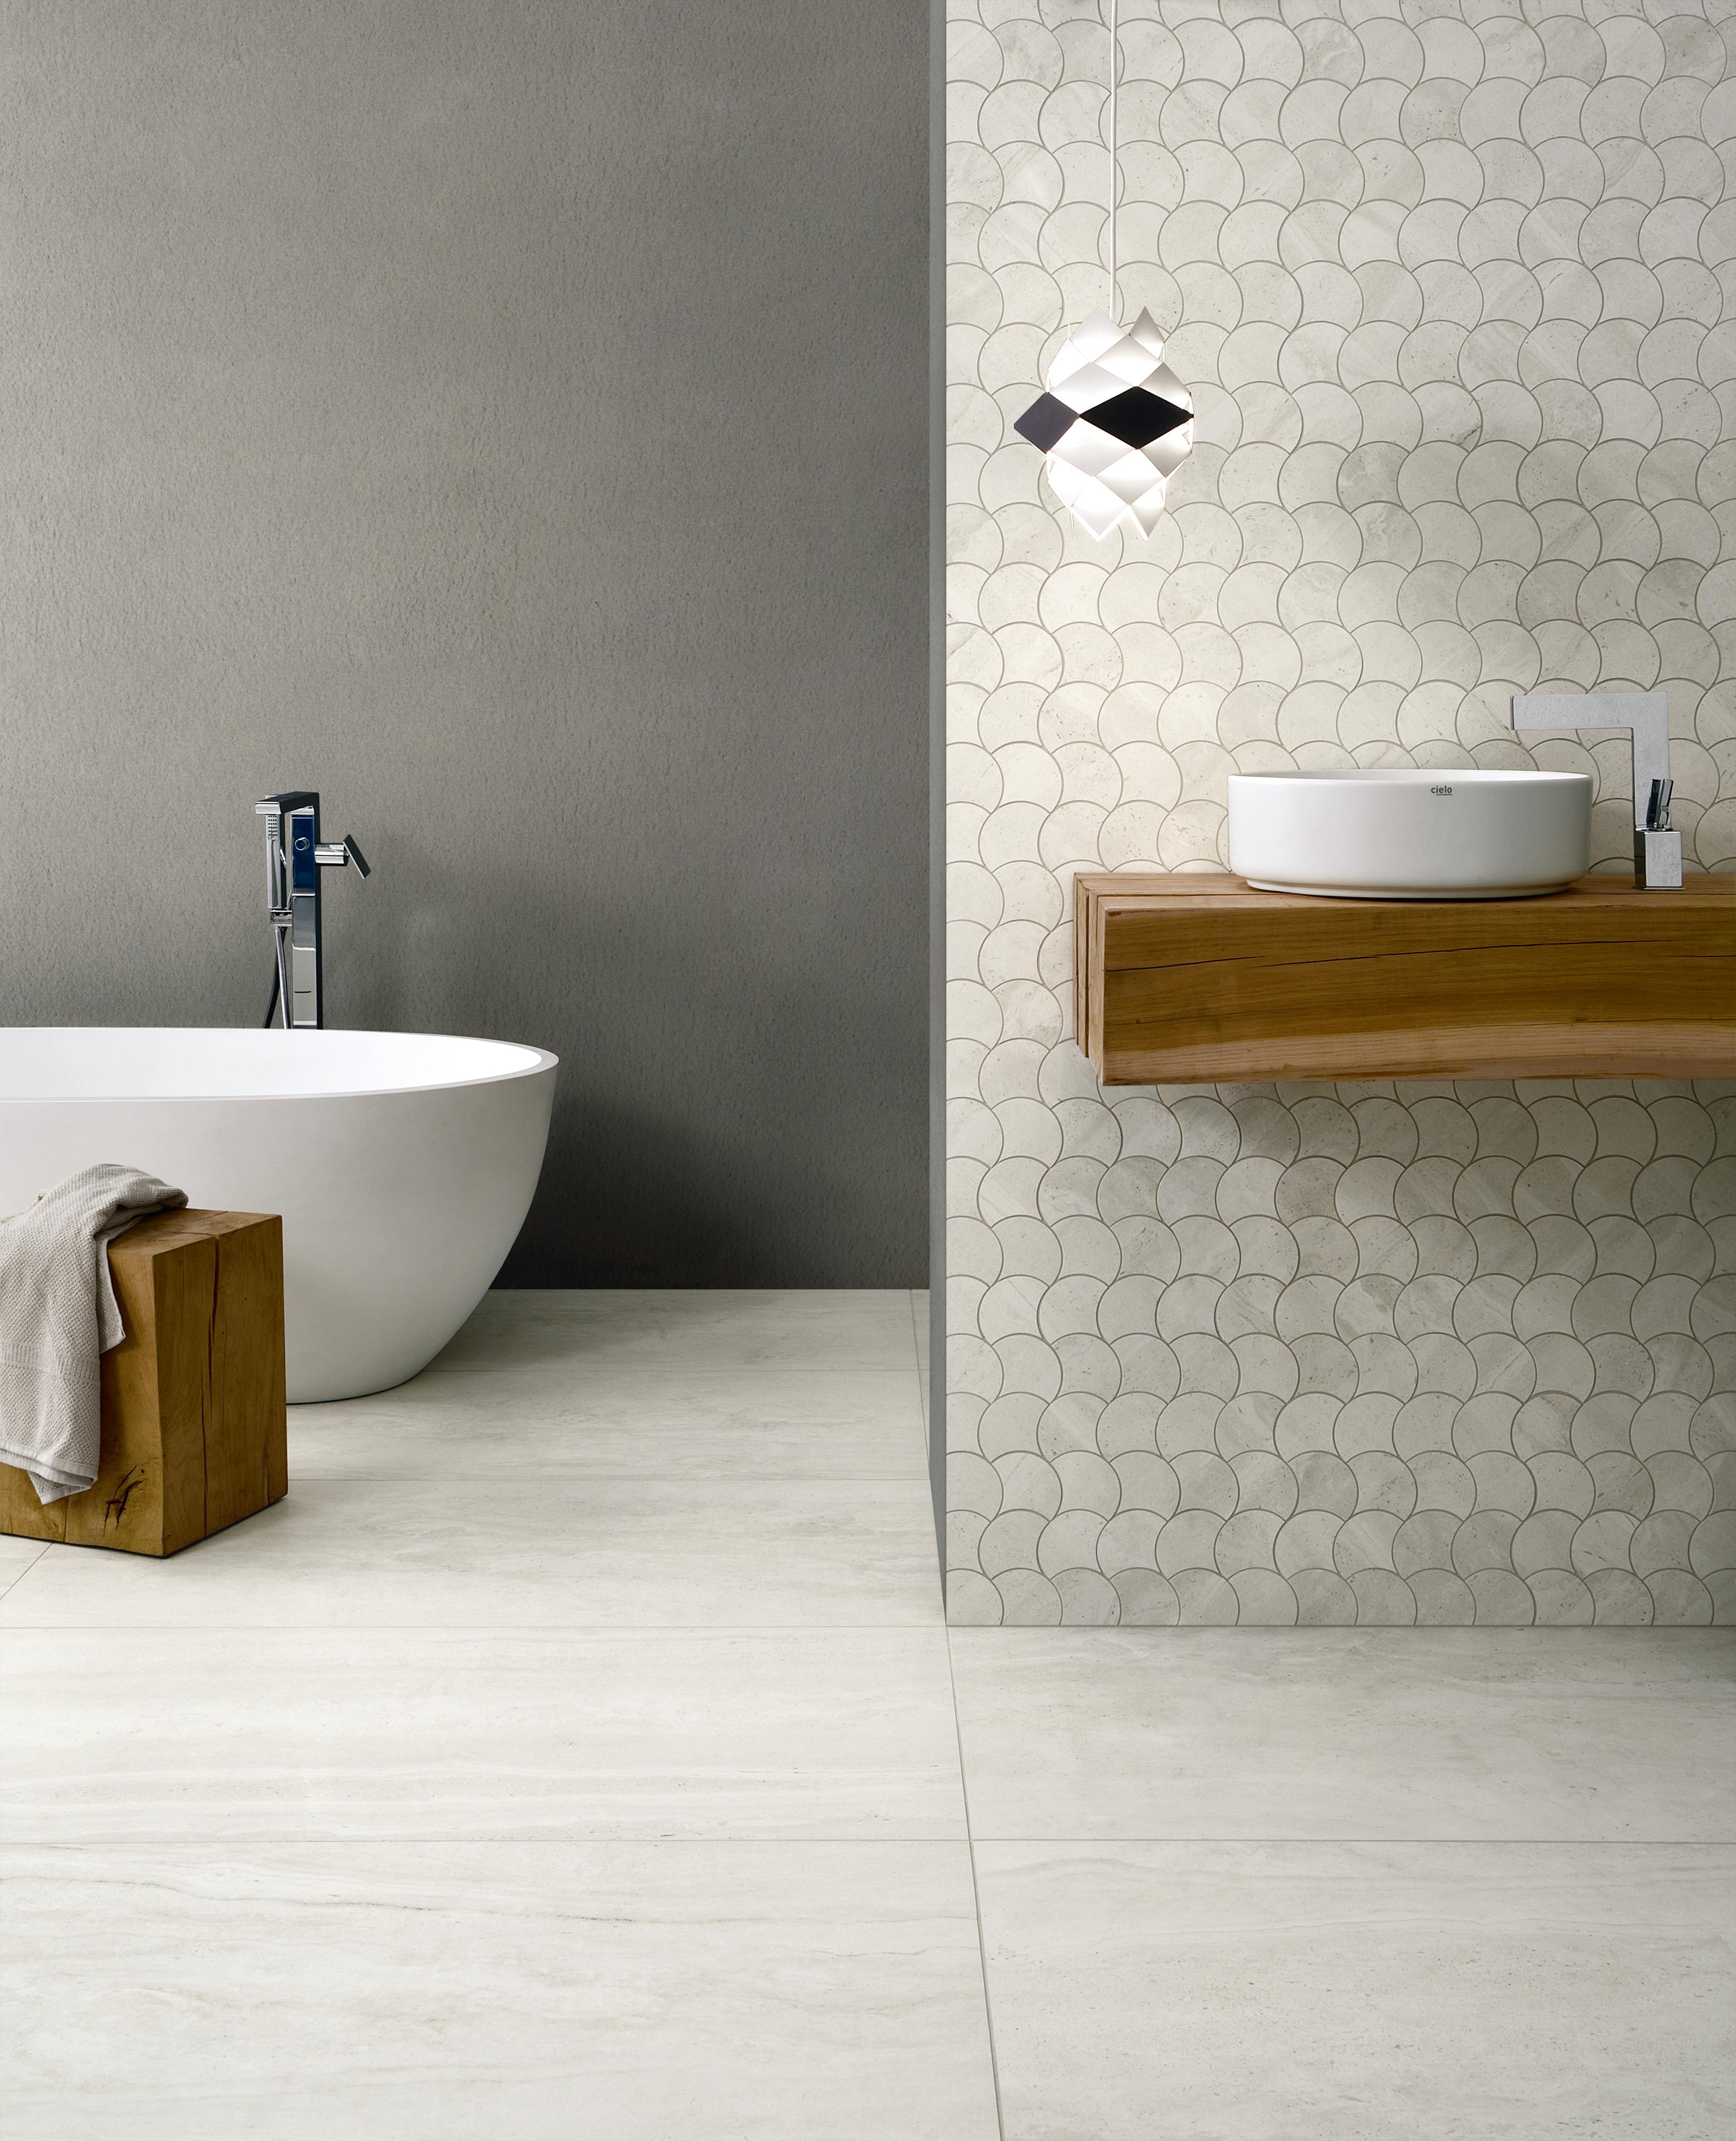 Coem Reverso2 White 60 215 120 Mosaico Wavy Japan Ceramics